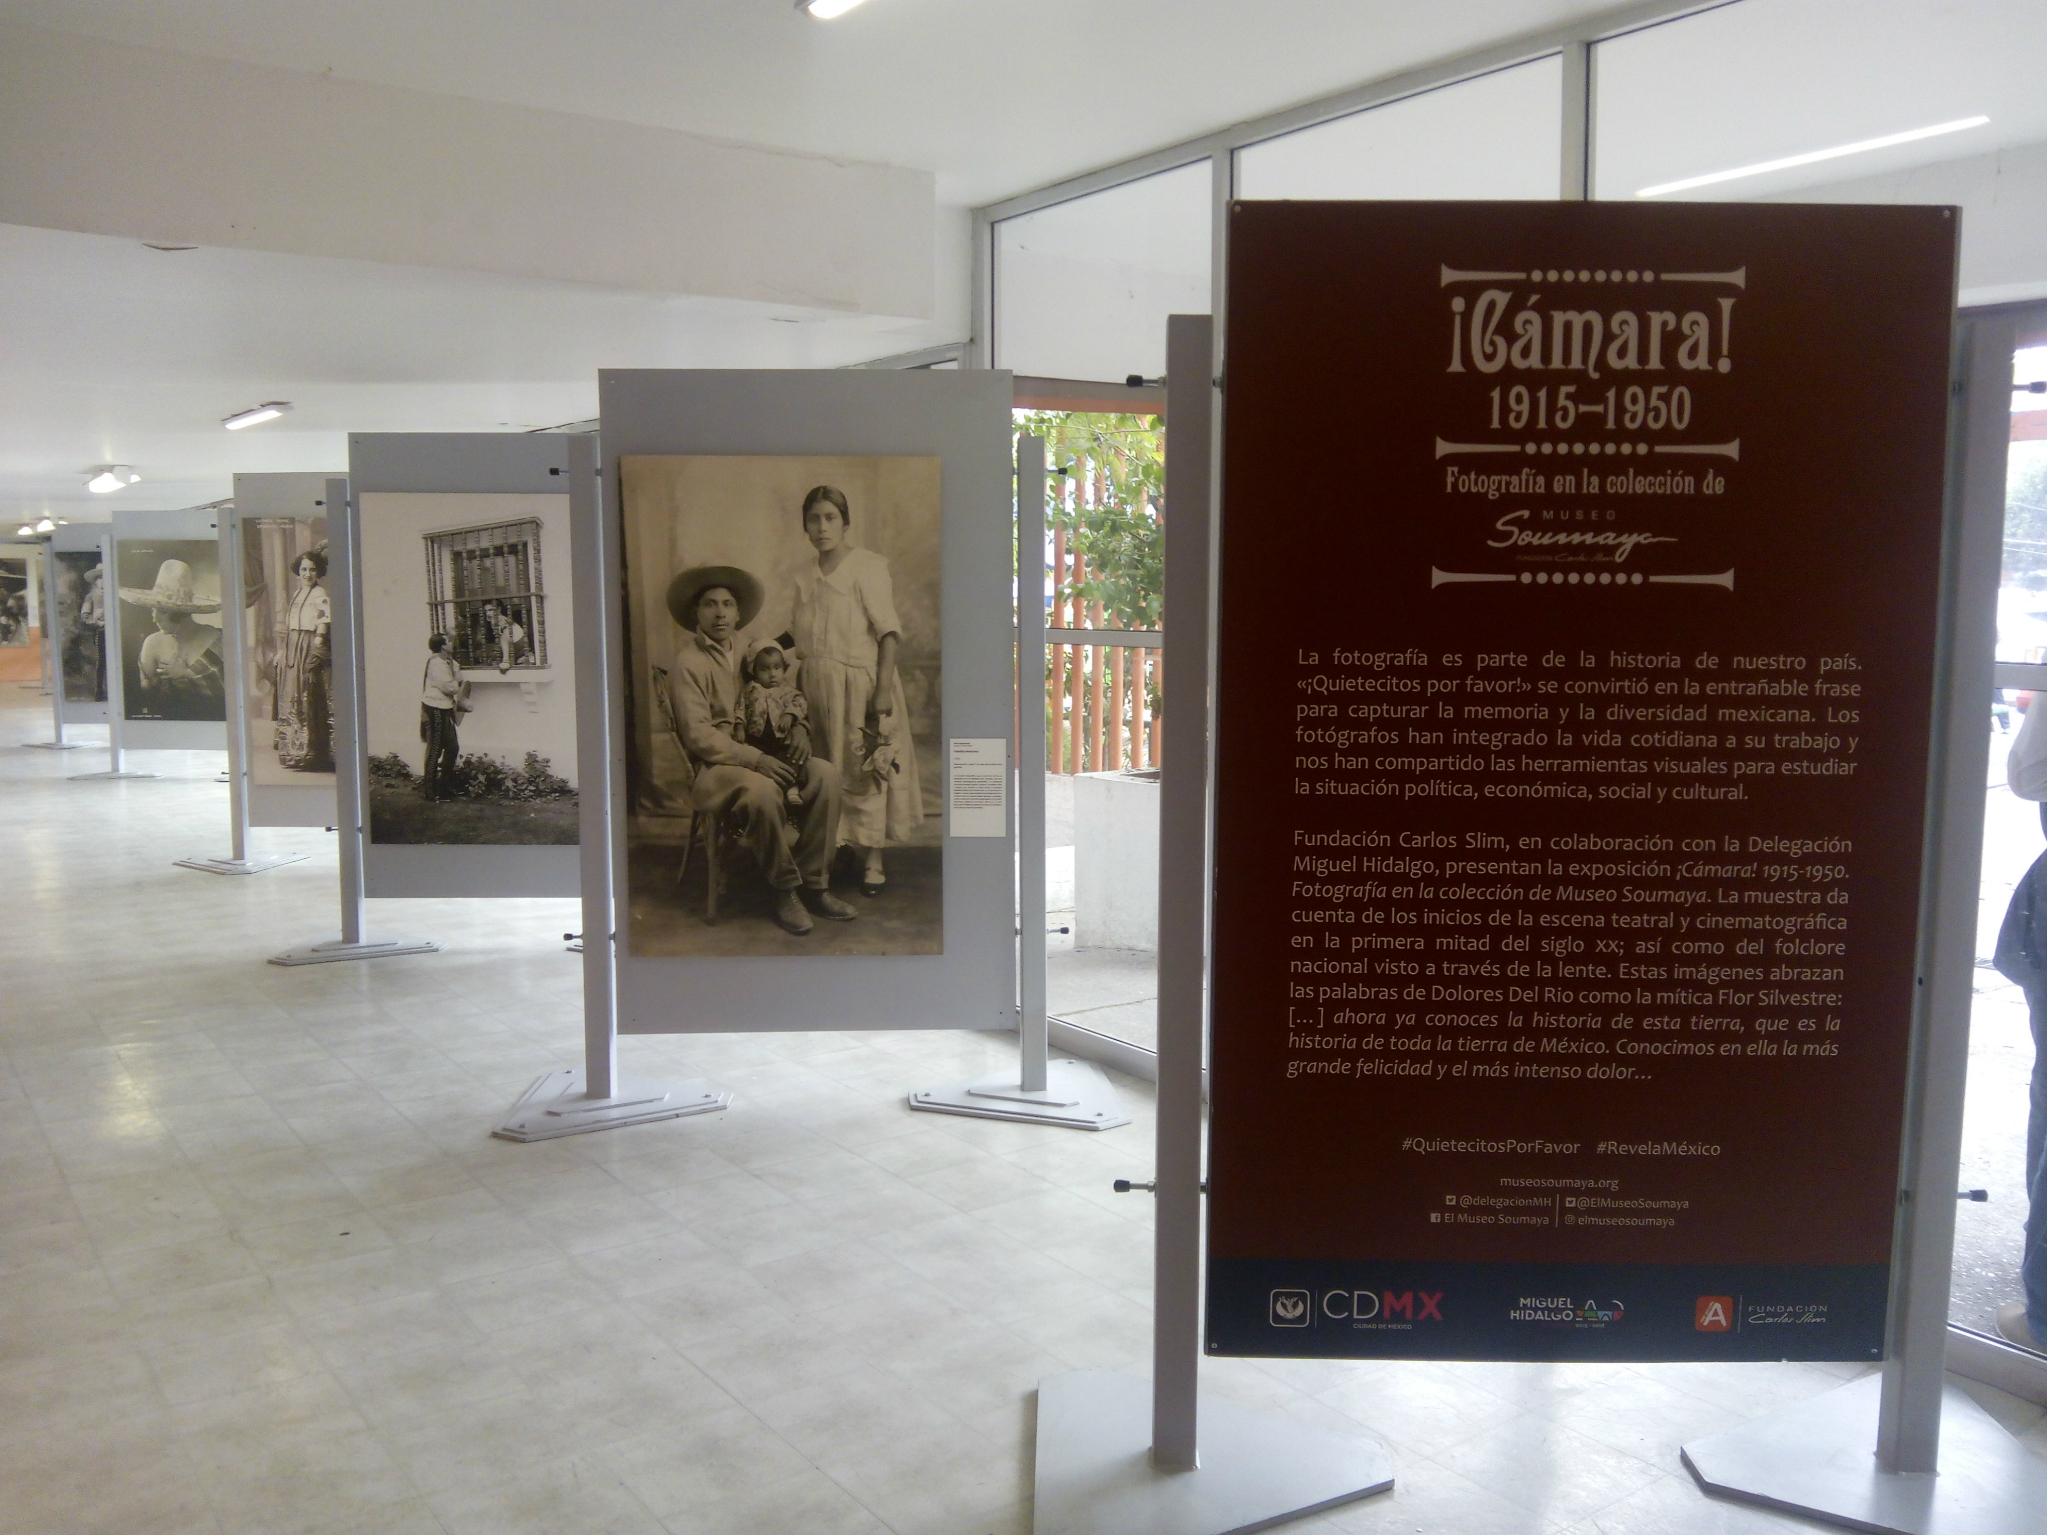 Cámara 1915-1950